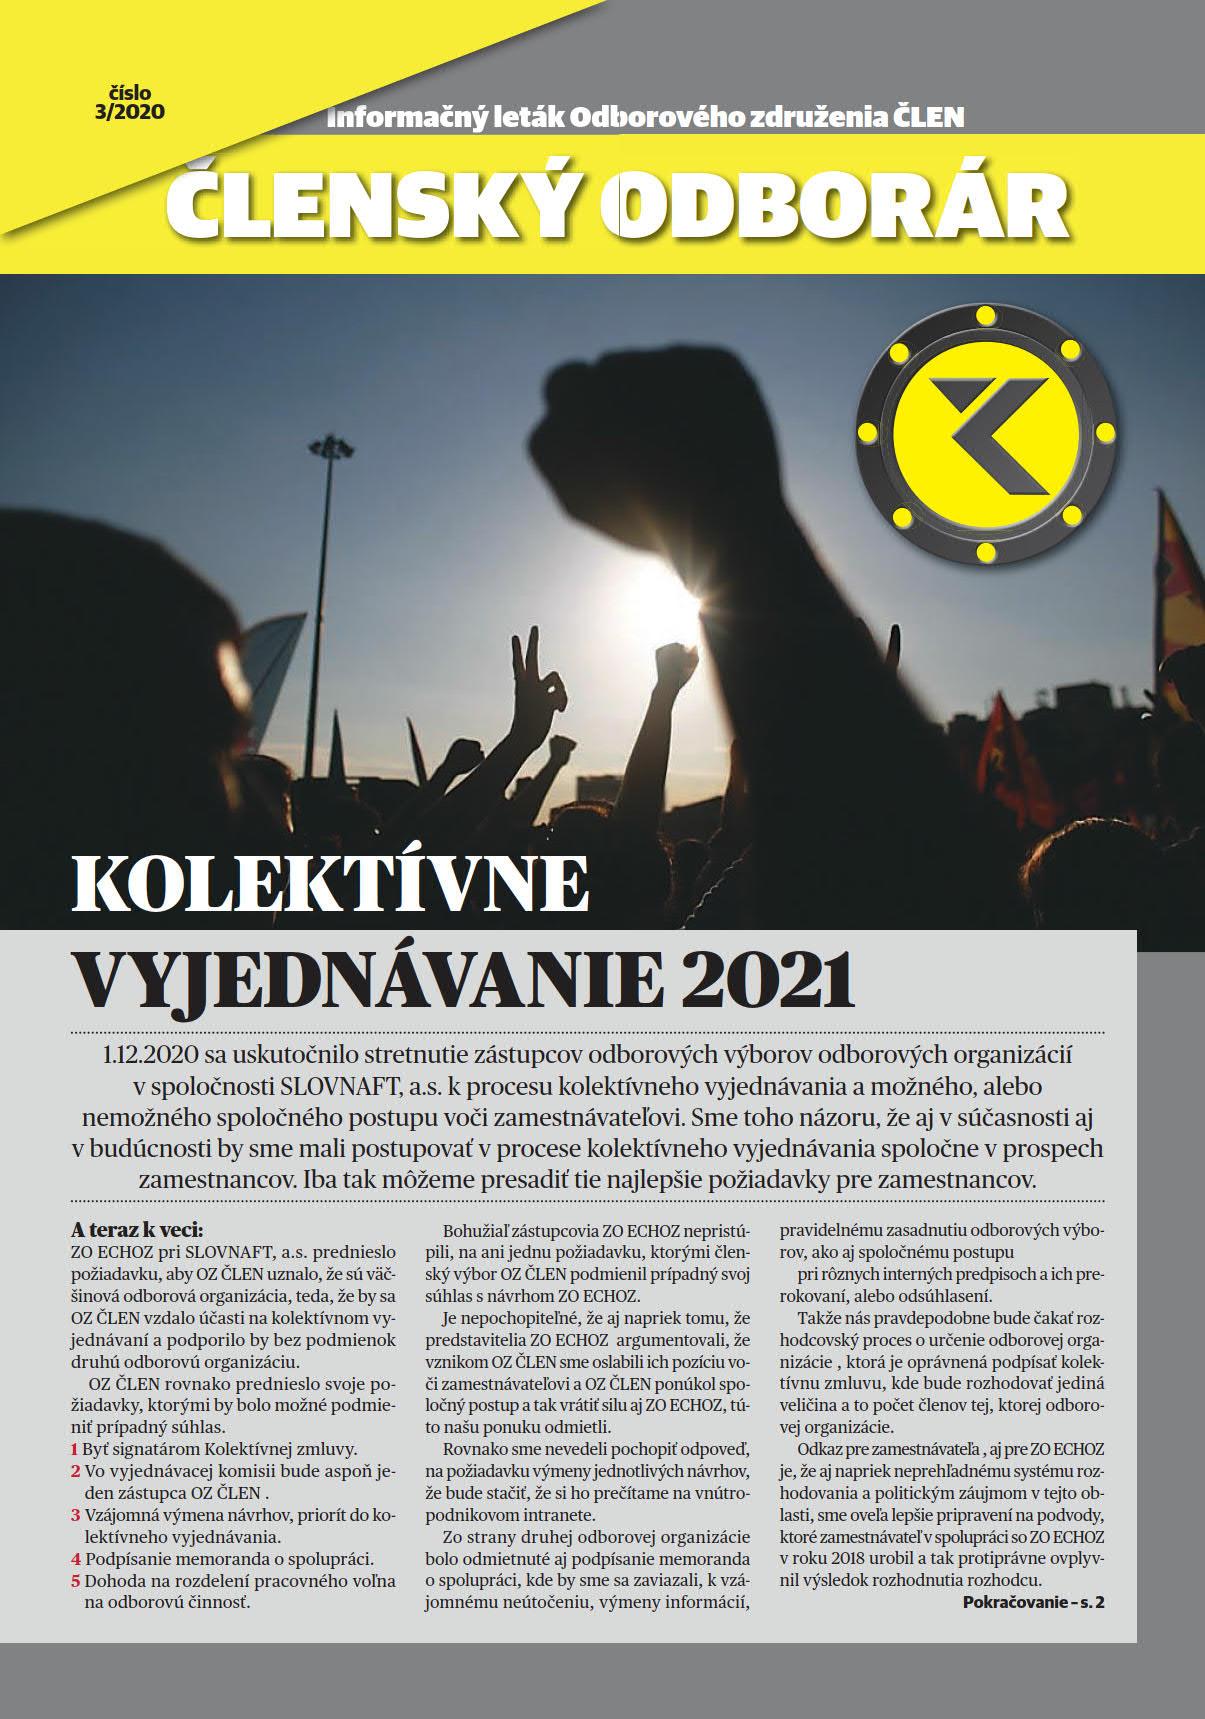 ČLENSKÝ ODBORÁR č.3 – Kolektívne vyjednávanie 2021.